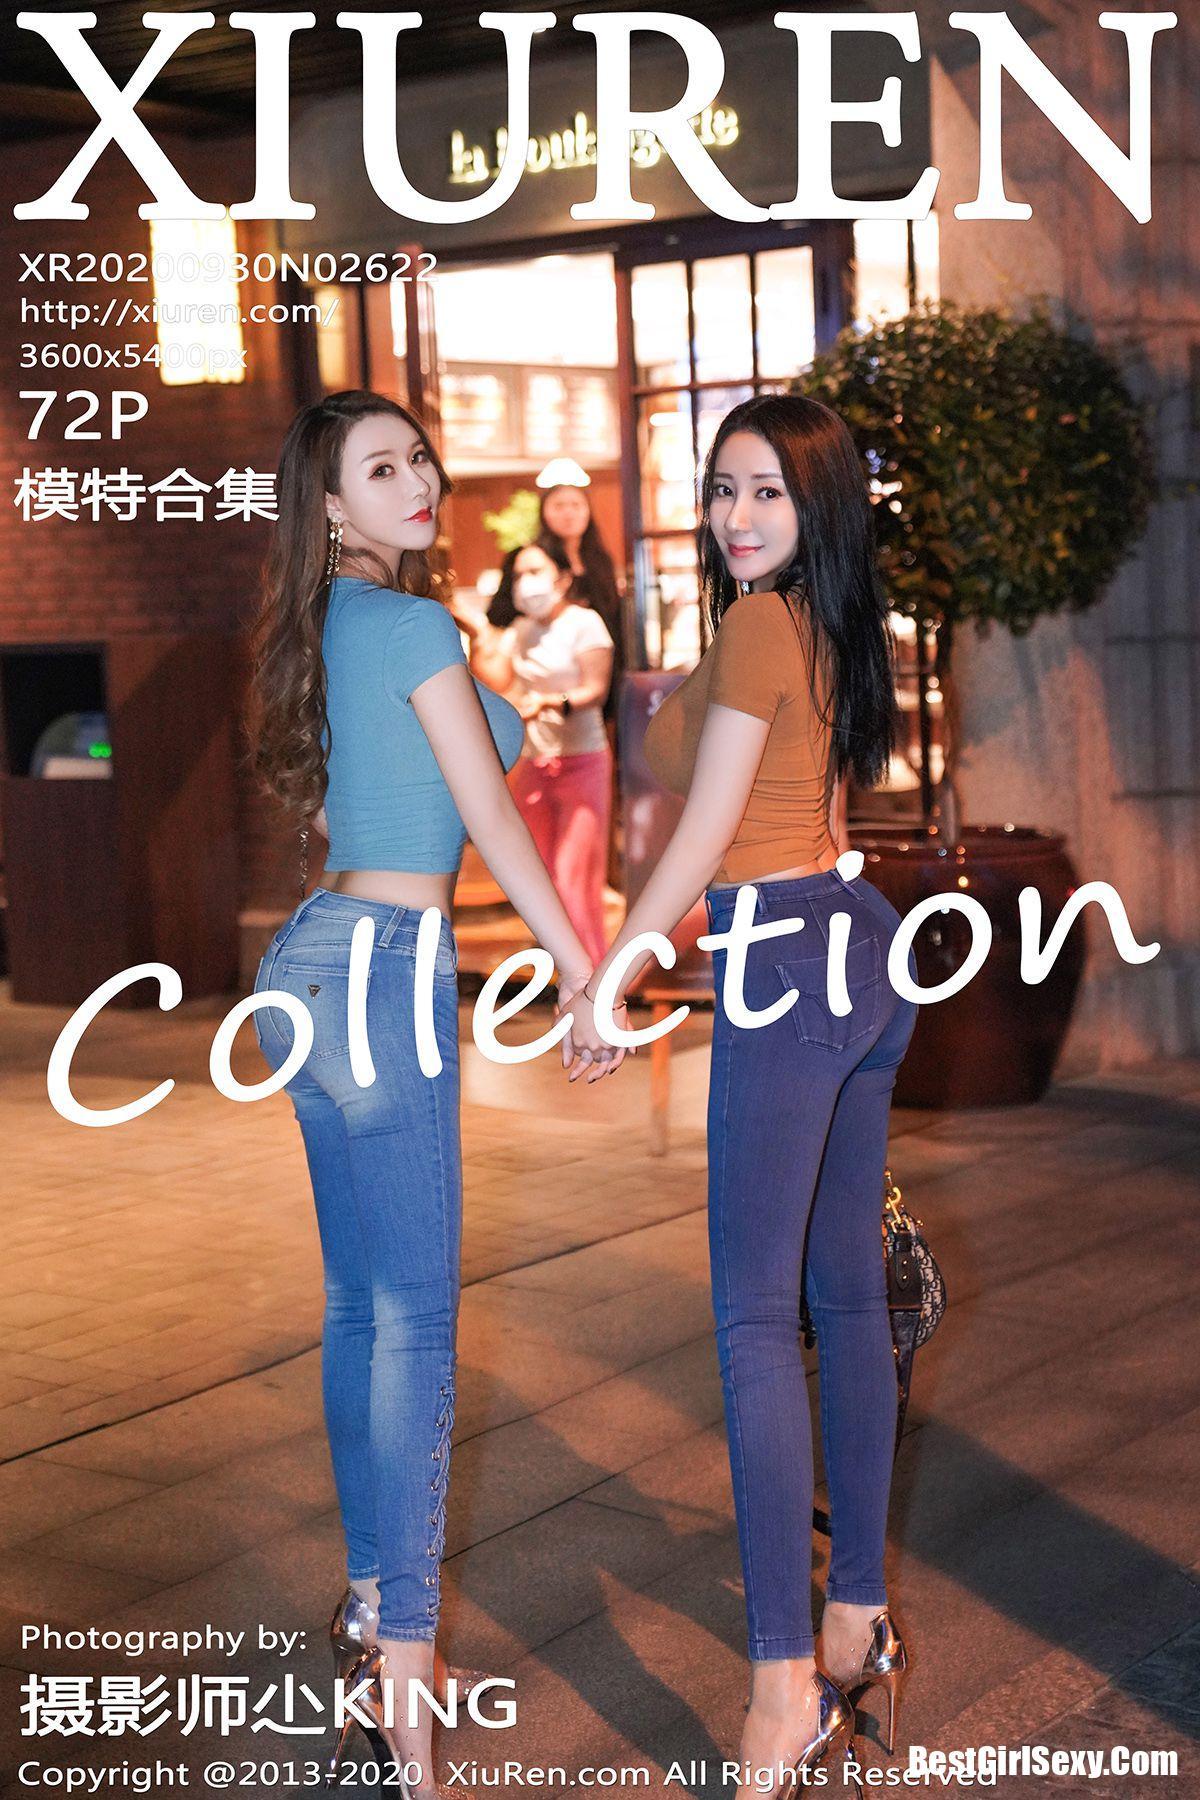 XiuRen秀人网 No.2622 Model Collection